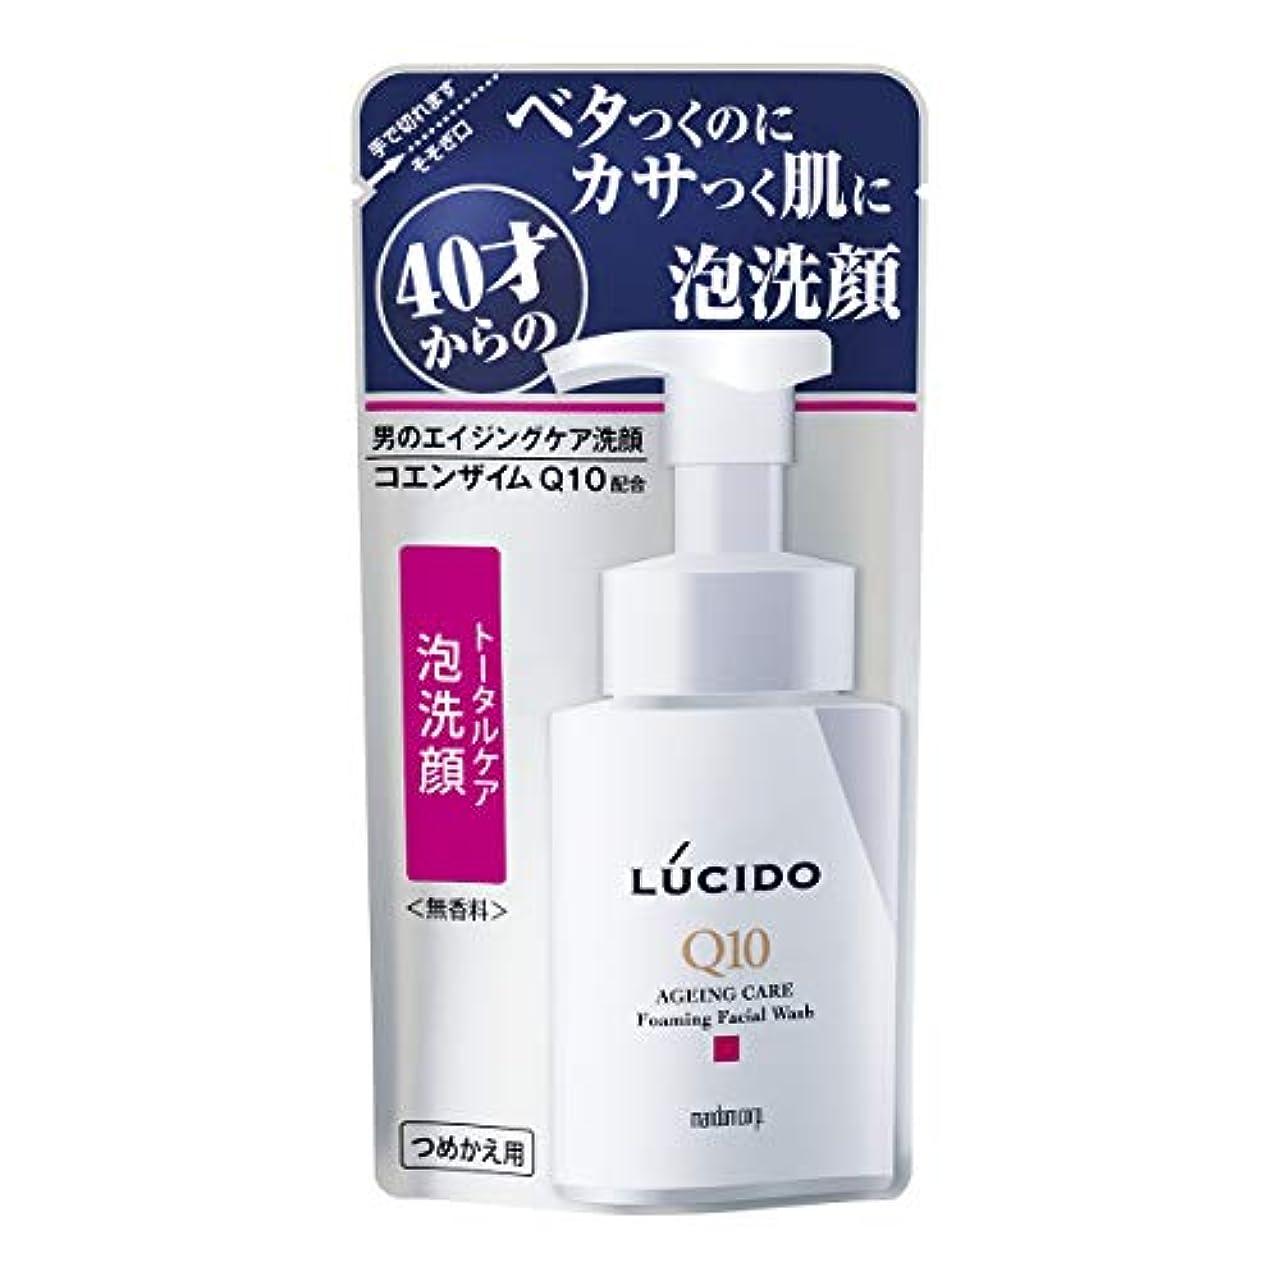 金額変動する暗殺者LUCIDO(ルシード) トータルケア泡洗顔 つめかえ用 Q10 130mL